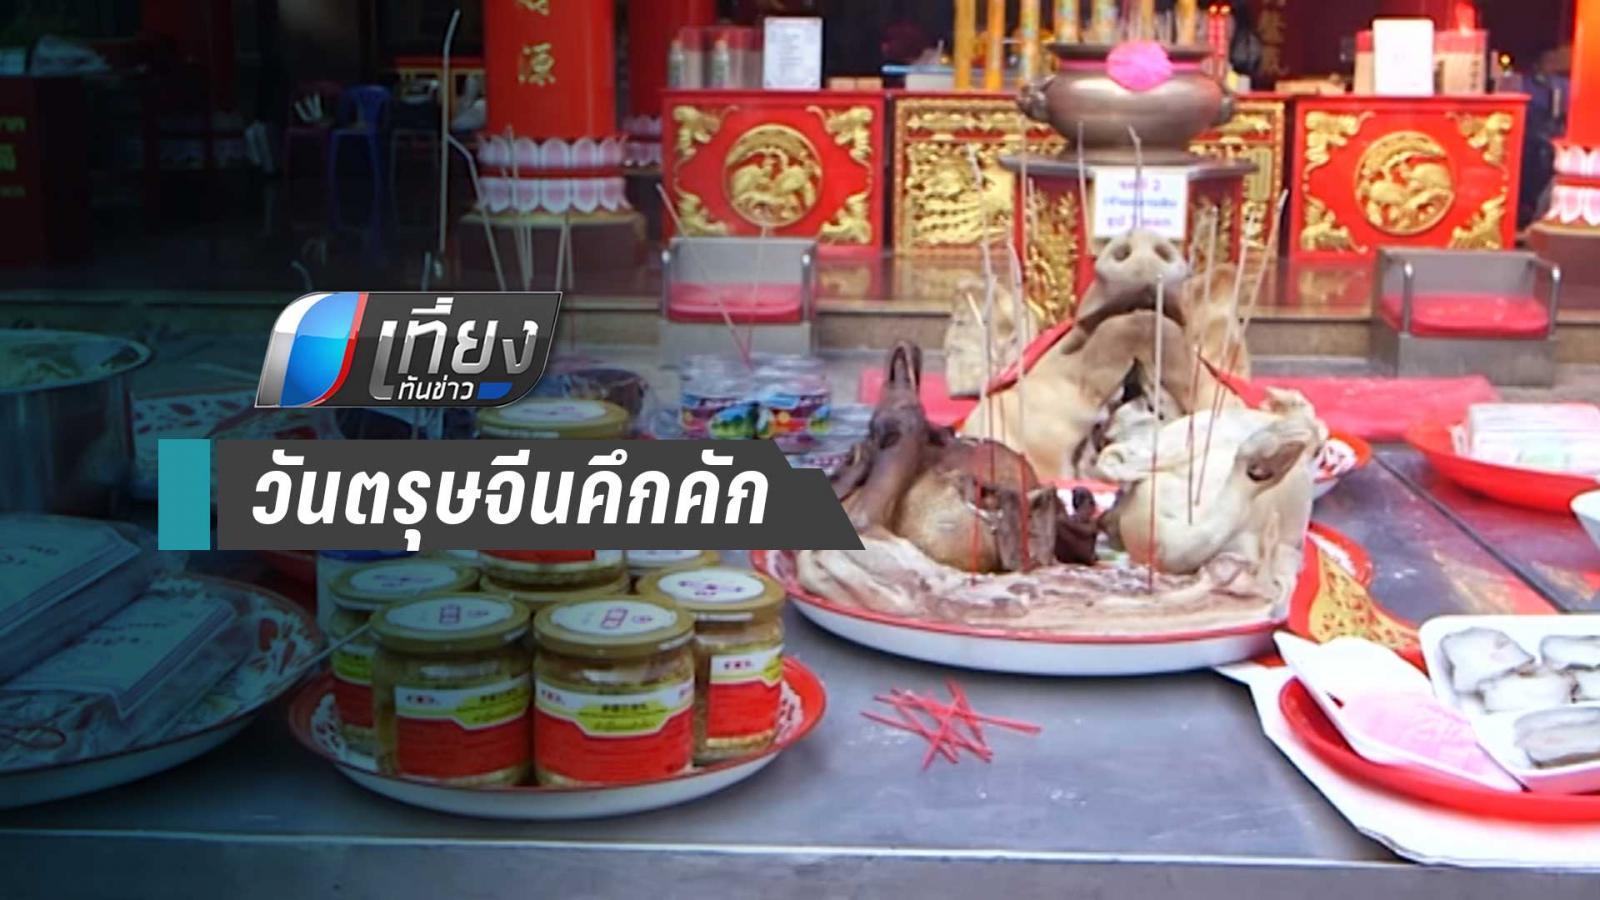 ชาวไทยเชื้อสายจีนไหว้เทพเจ้า วันตรุษจีนคึกคัก